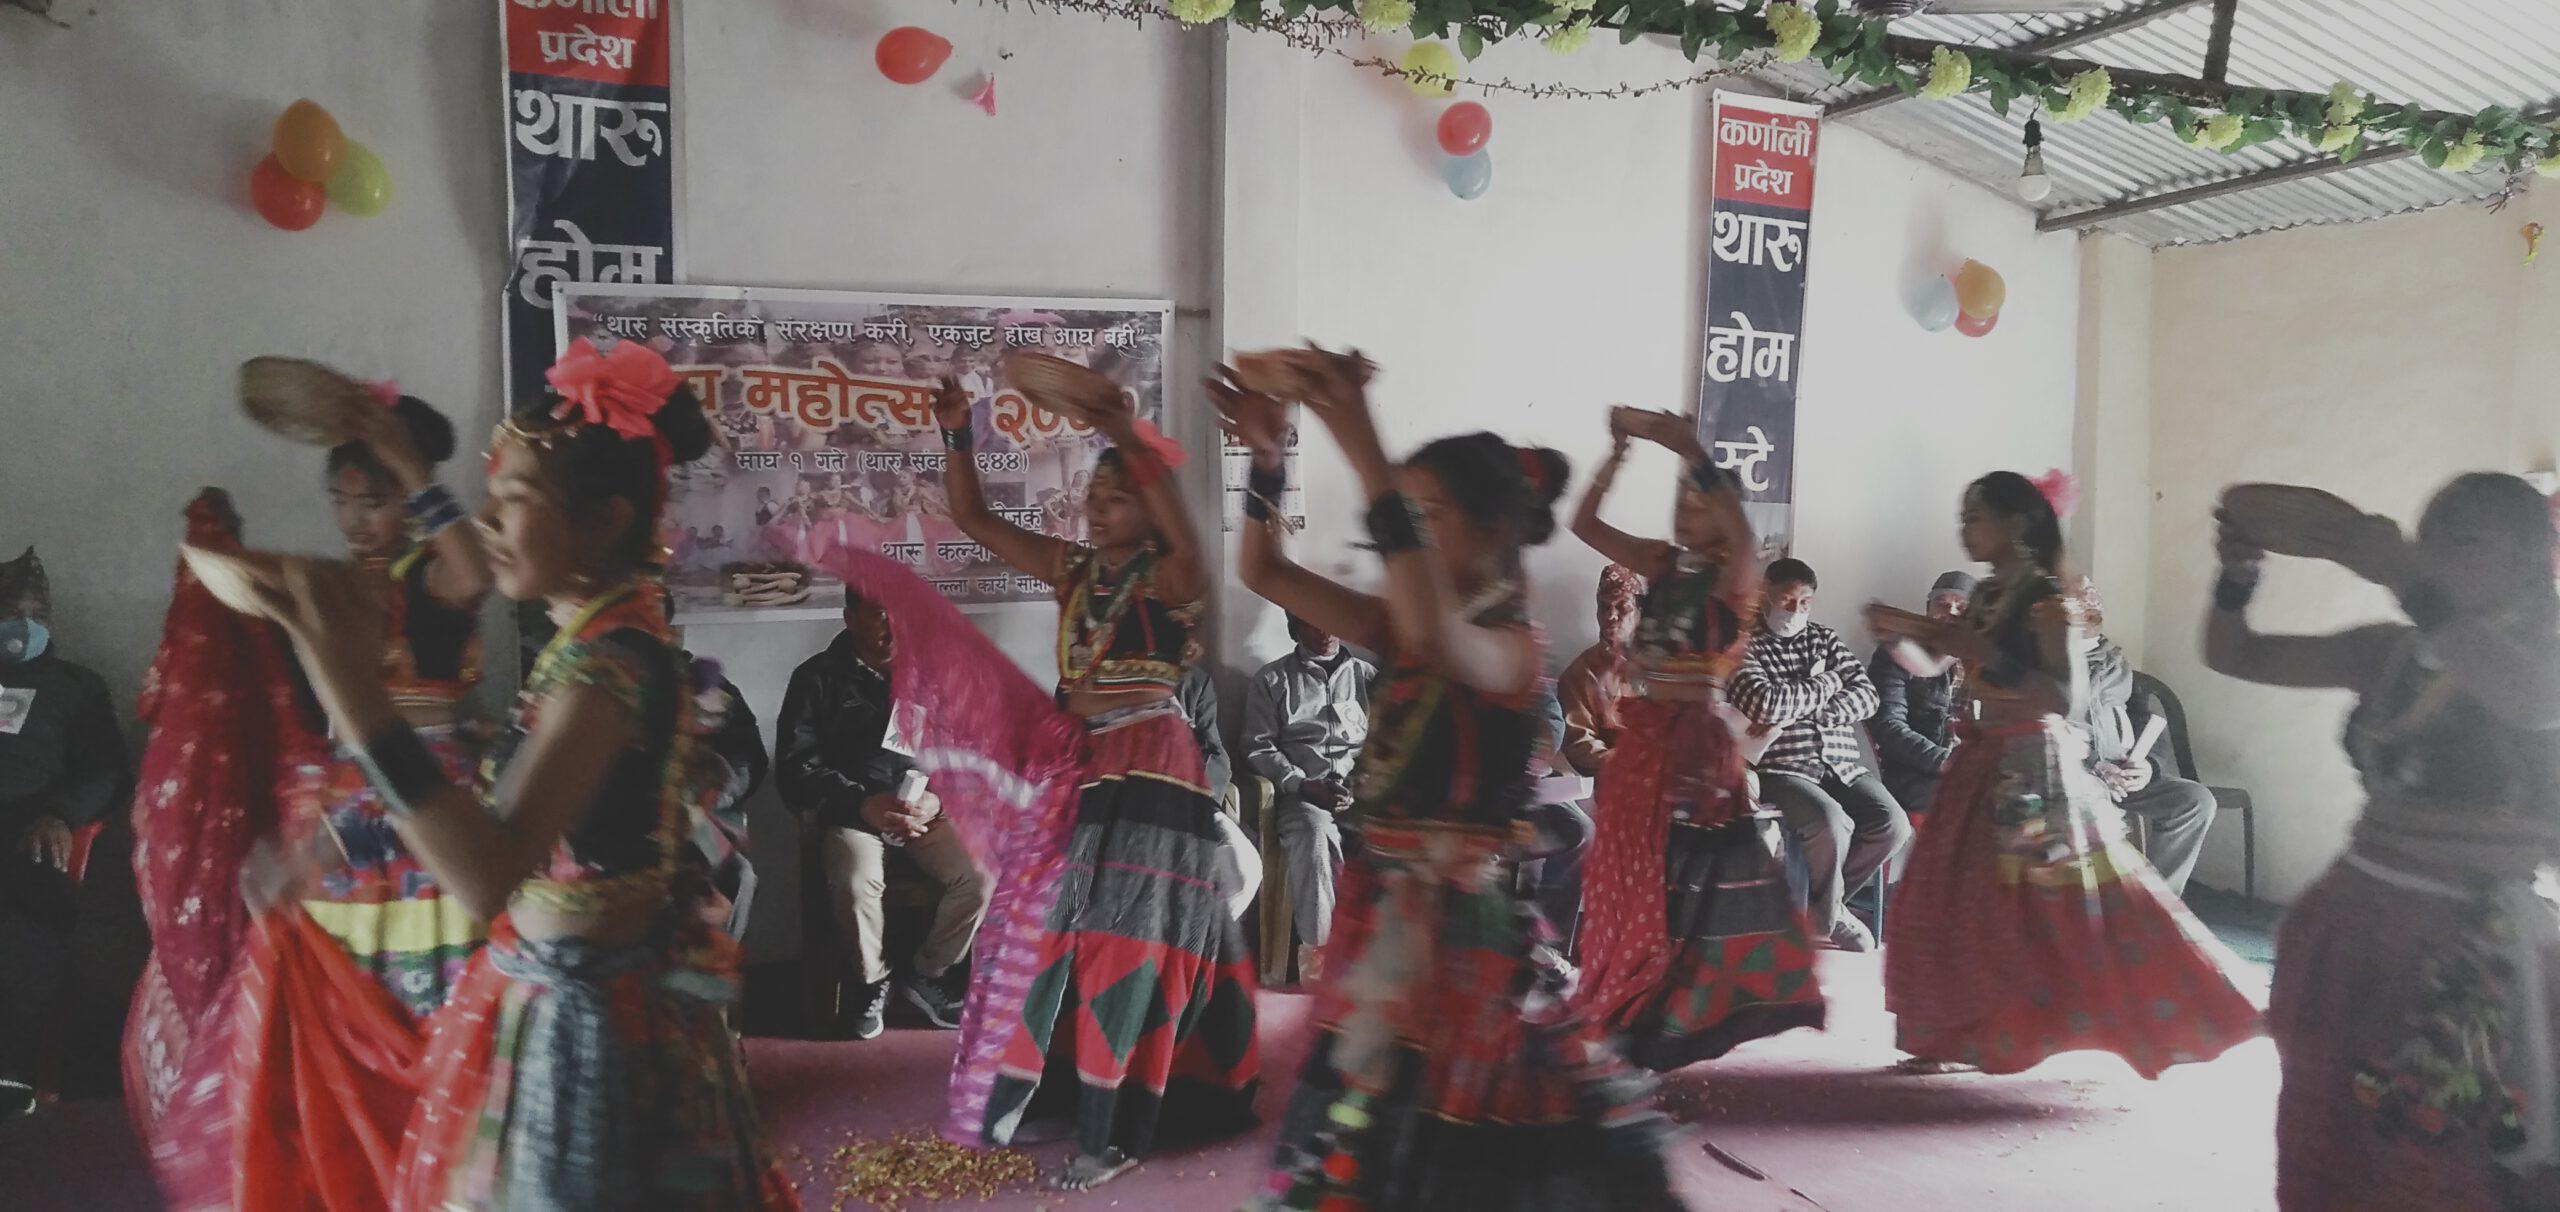 थारु समुदायको माघी महोत्सव मनाइयो